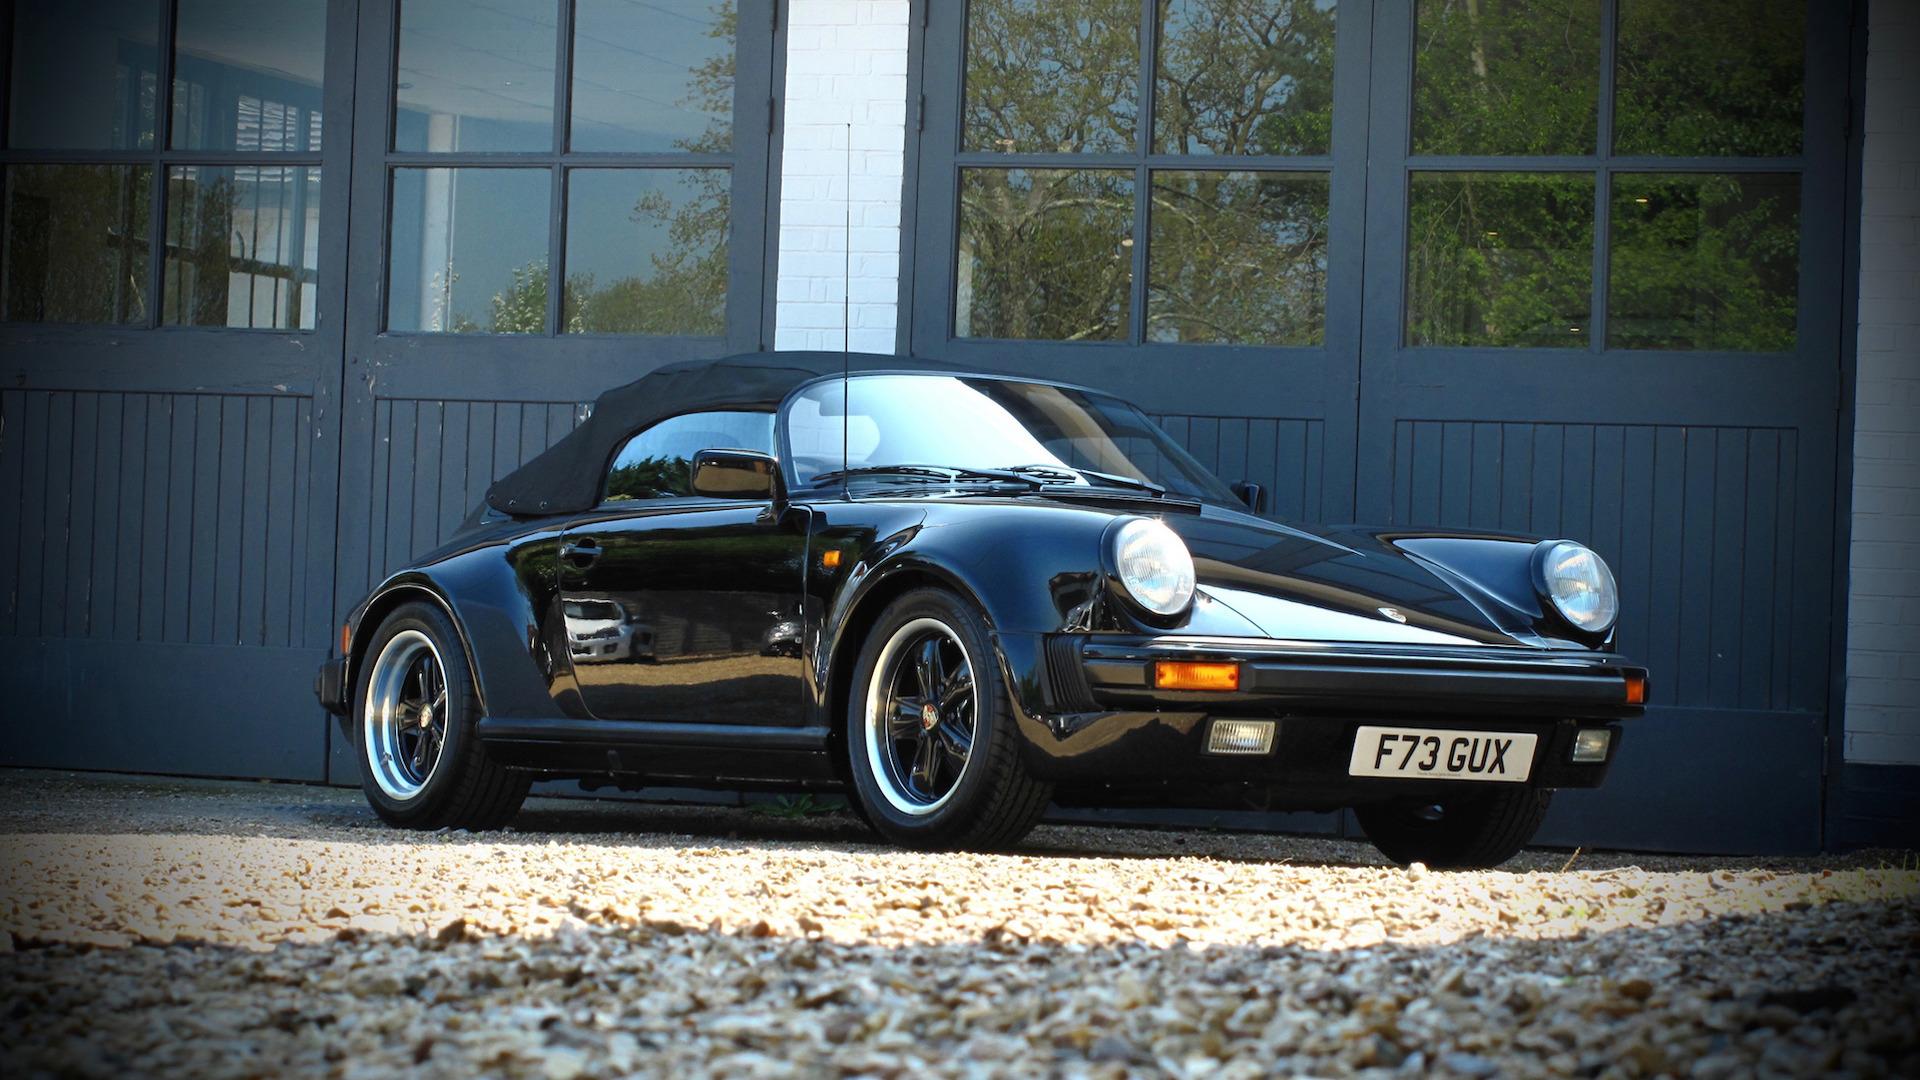 Auction Bound Porsche 911 Speedster Has Driven Just 5590 Miles